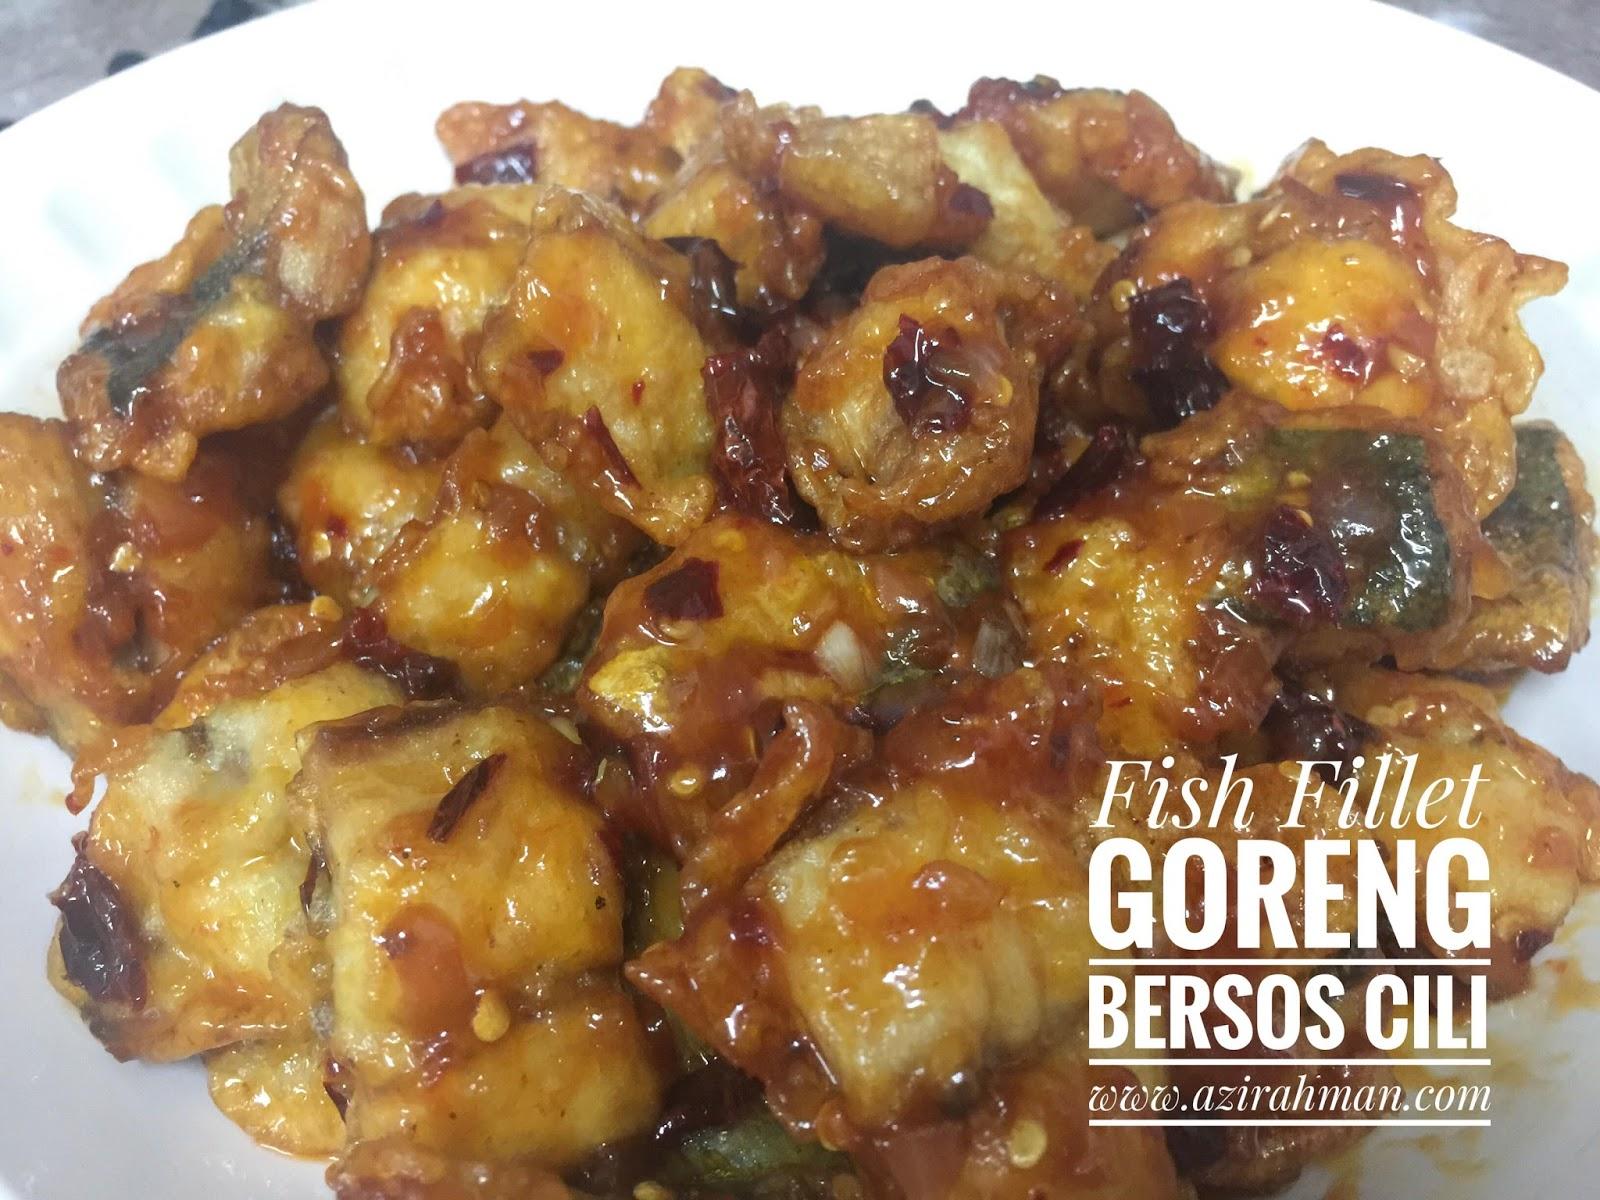 fish fillet goreng bersos cili; fillet ikan, masakan mudah, masakan segera, khasiat ikan, makanan kegemaran anak